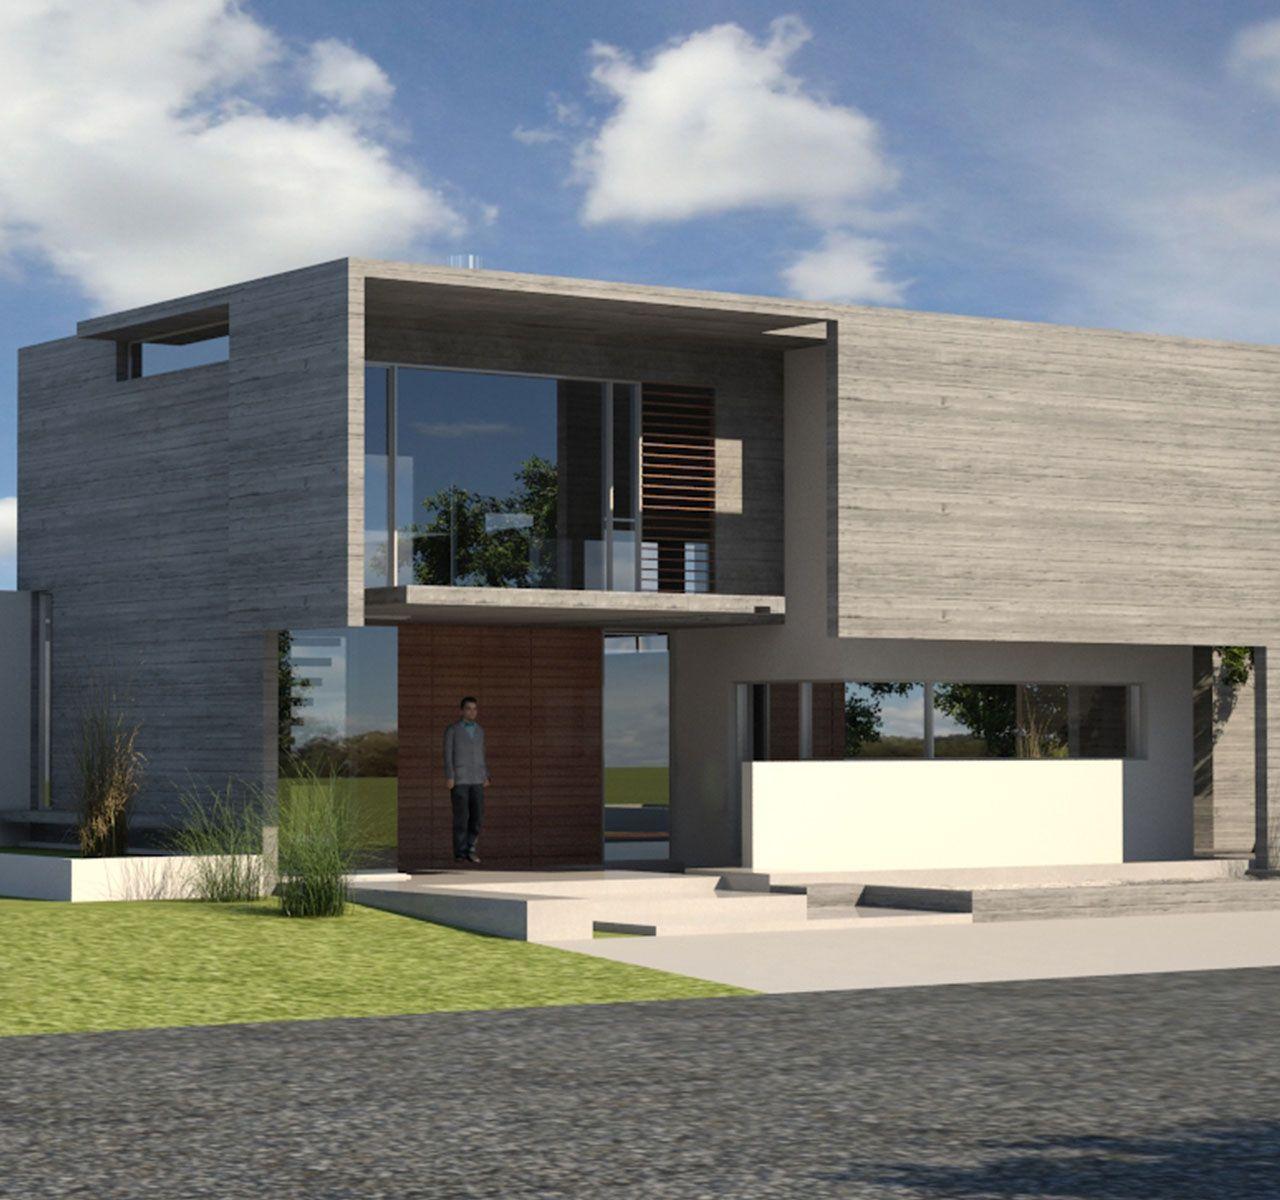 Pin de christian en cool arquitectura pinterest for Casas modernas hormigon visto